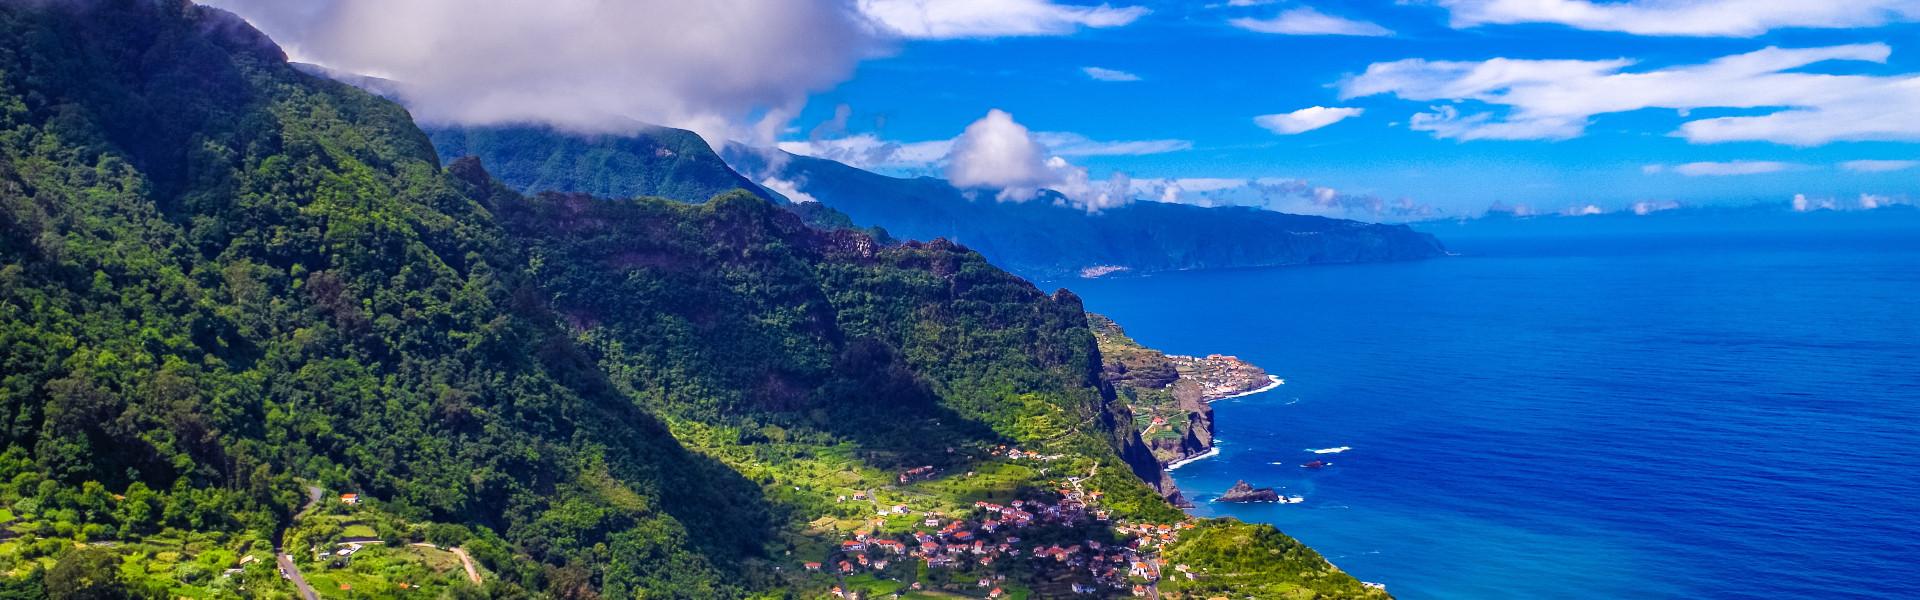 Main image ofLa Perle de l'Atlantique & l'Ile dorée : Madère et Porto Santo